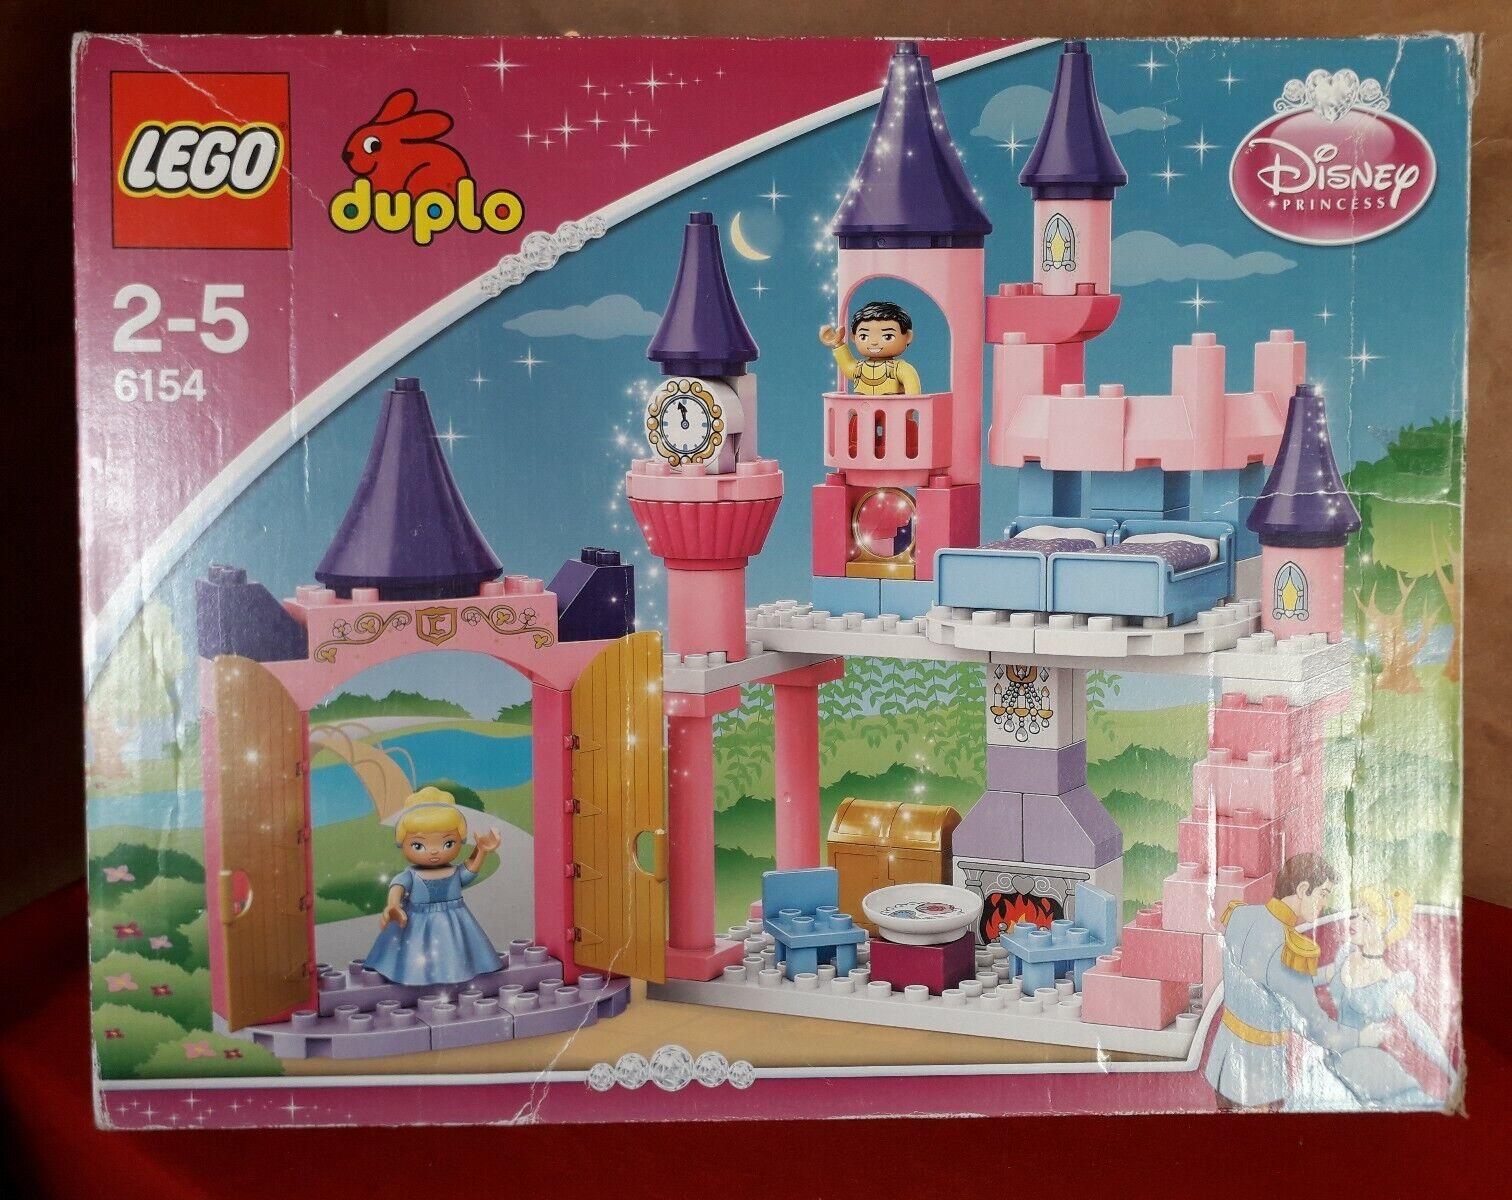 Lego Duplo 6154 Cinderella's  Castle - - - completo al 100% dc9071